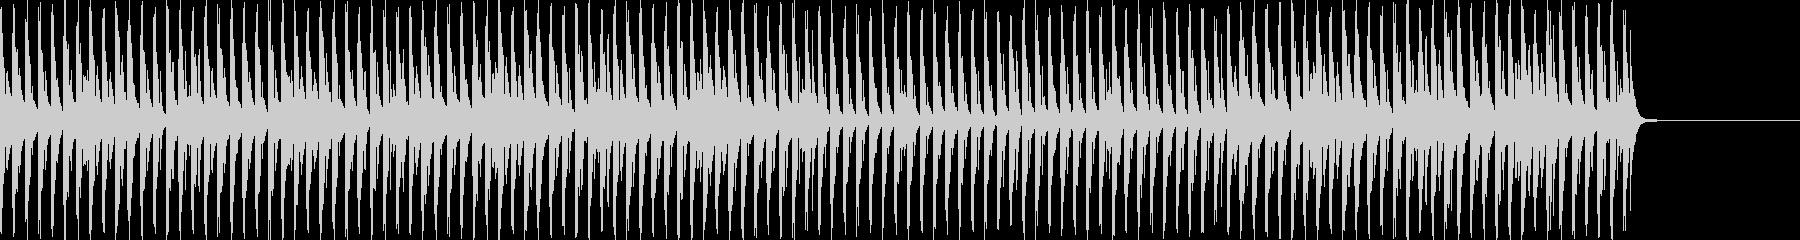 琴主体の和風の4つ打ちの未再生の波形